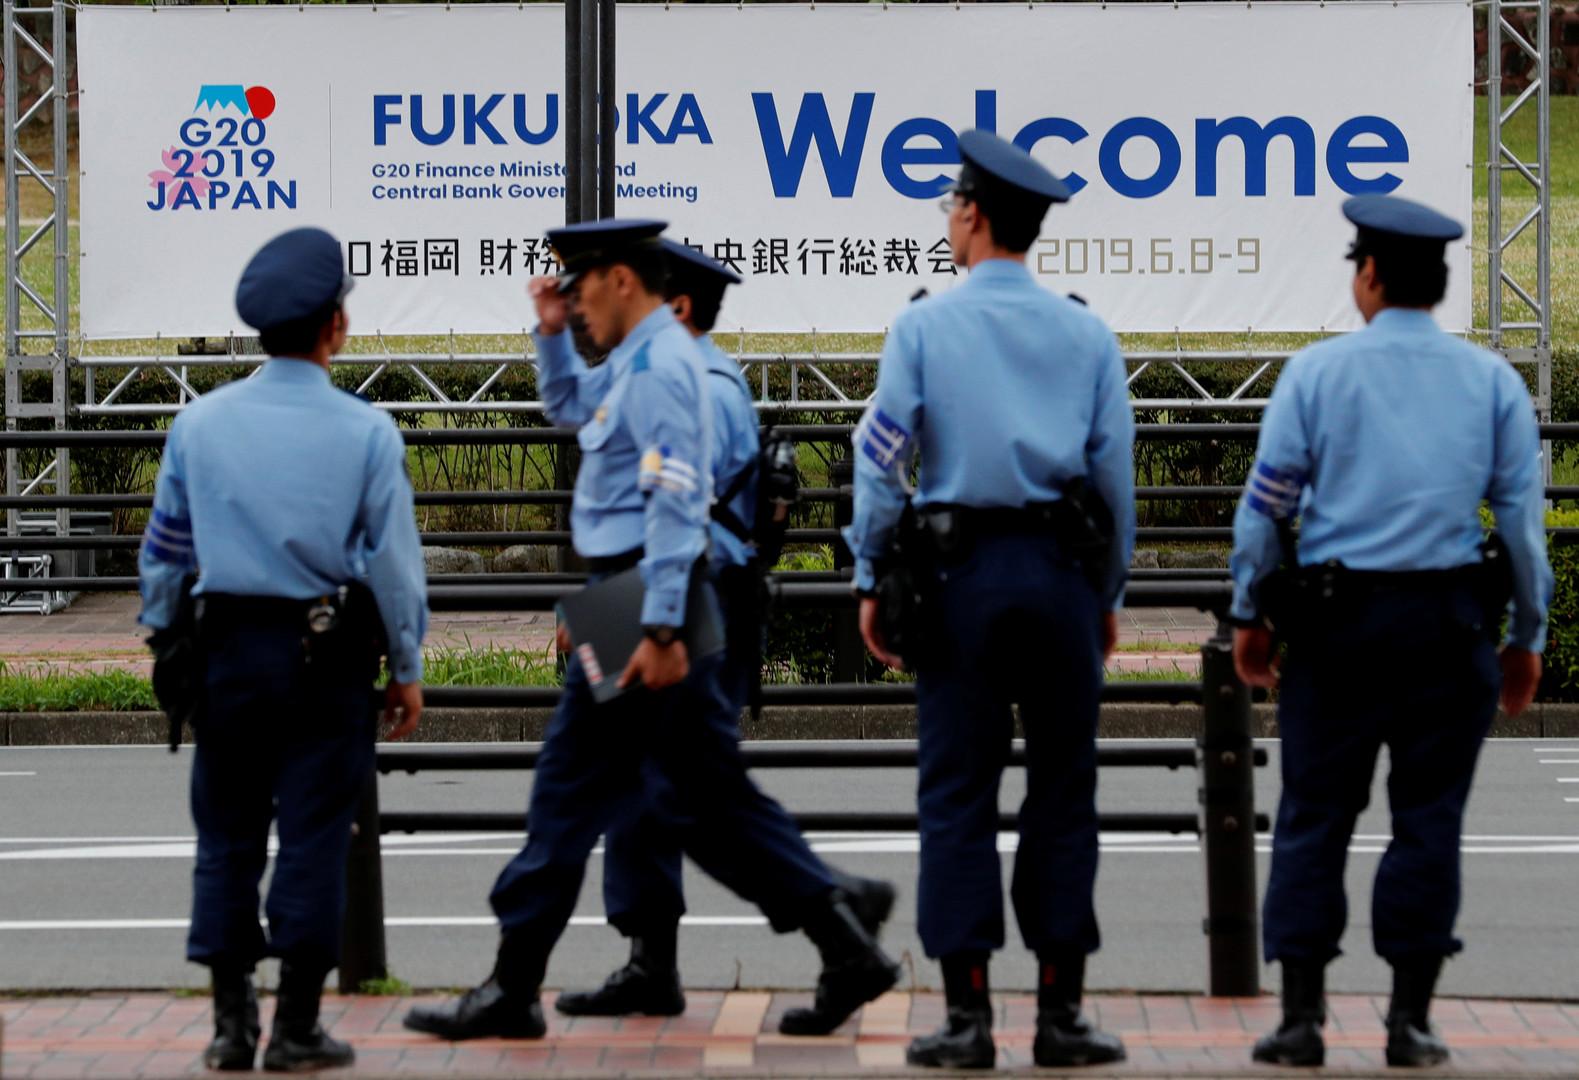 وكالة: أكثر من 25 ألف شرطي سيضمنون الأمن أثناء قمة